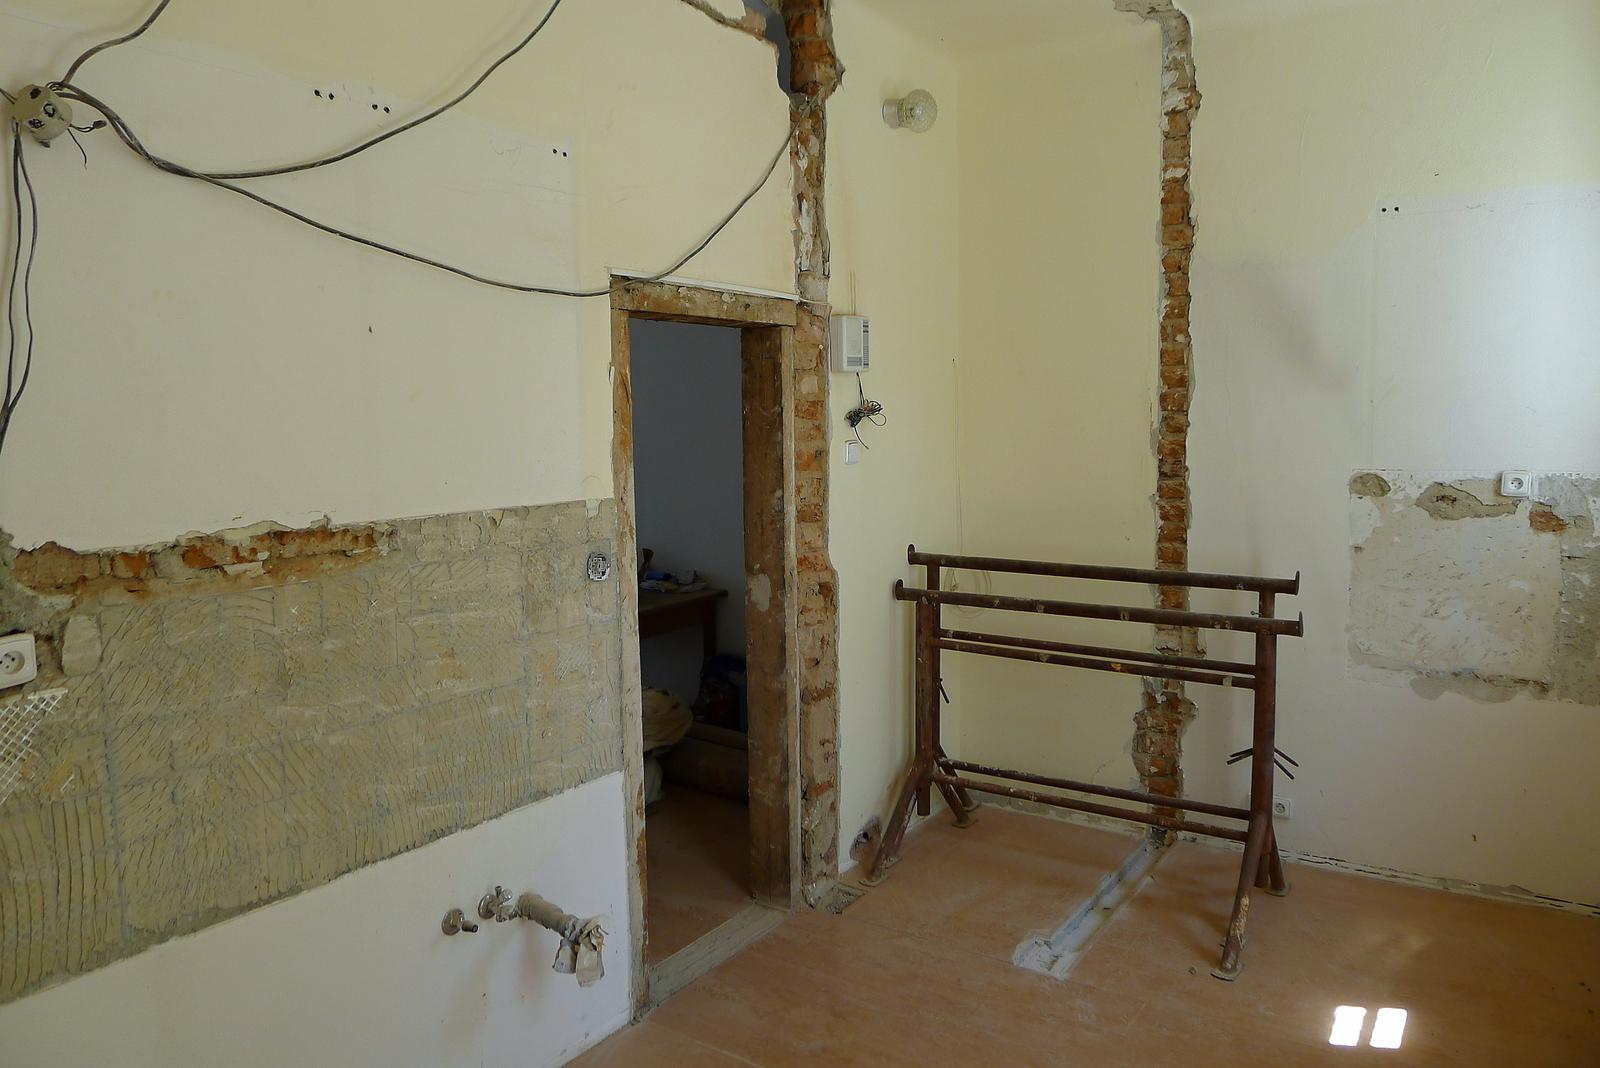 Rekonstrukce našeho domečku - Obrázek č. 19